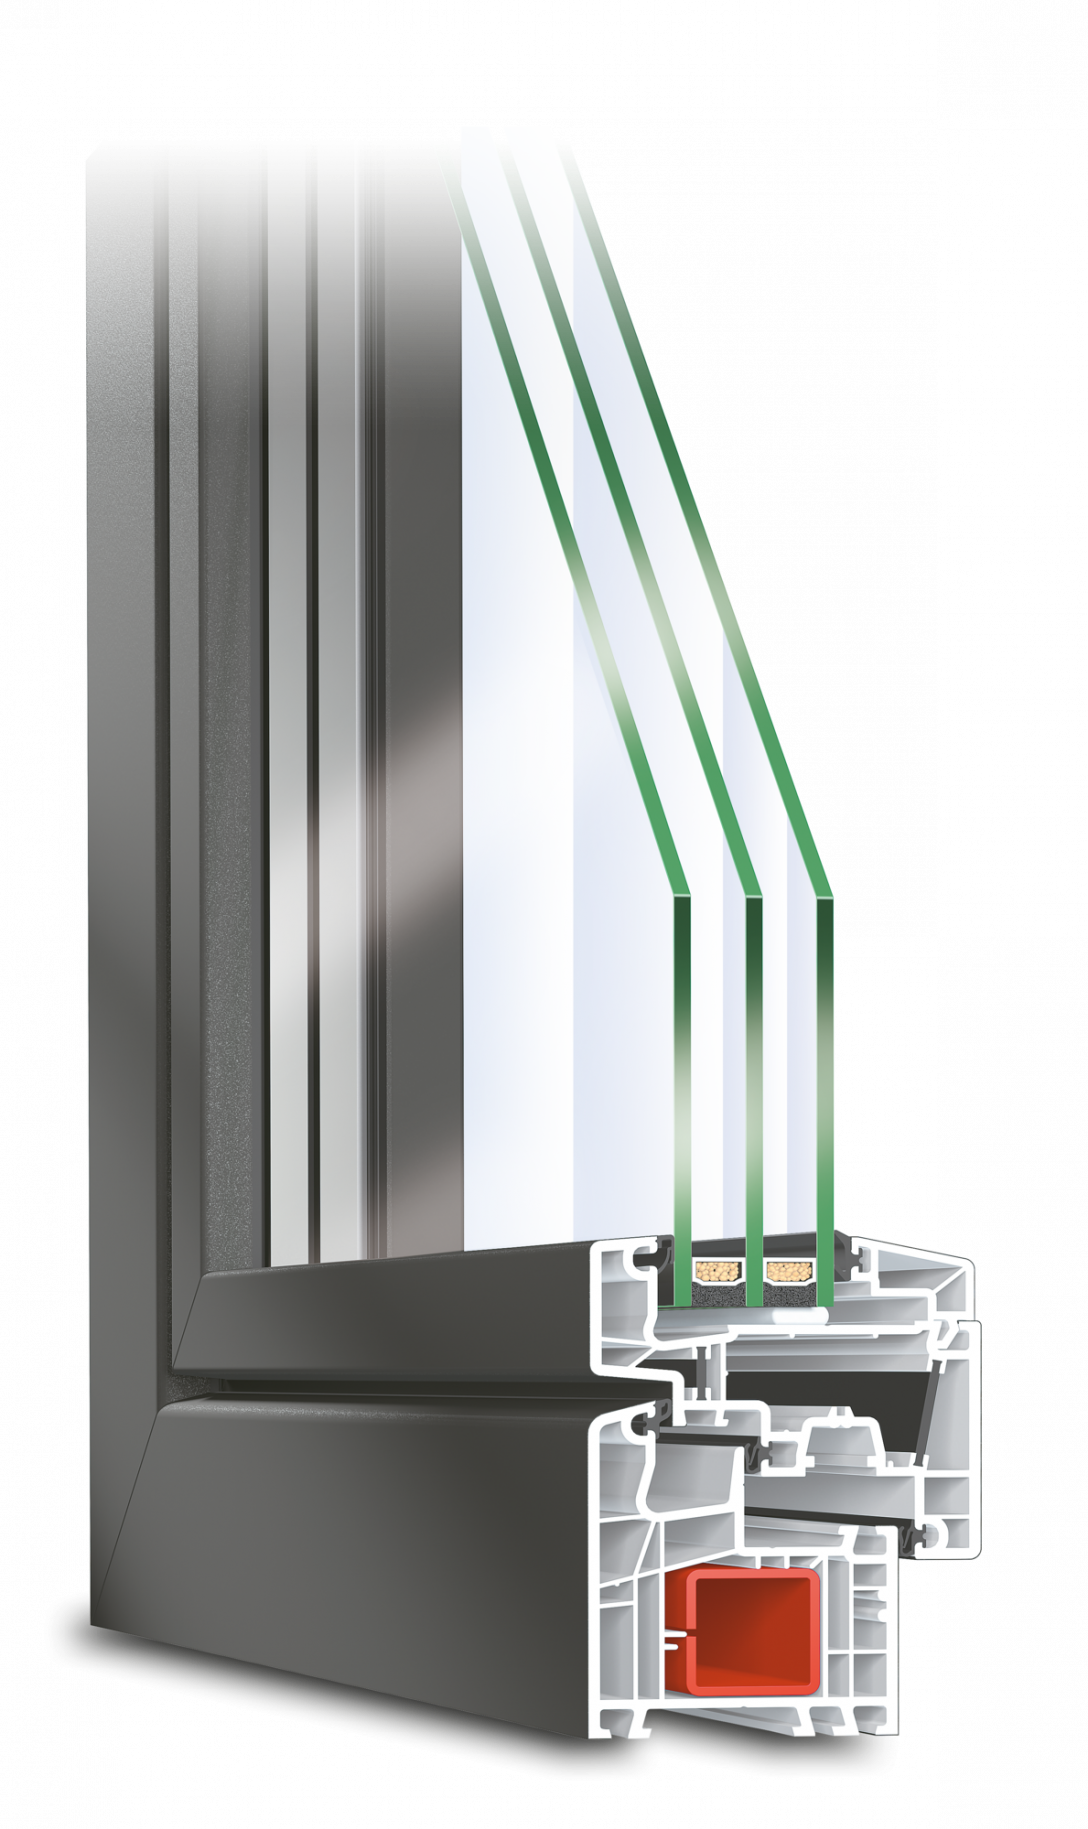 Large Size of Kunststoff Ideal Fensterbau Fenster Rollo Rc 2 Aron Weihnachtsbeleuchtung Braun Landhaus Nach Maß 120x120 Gebrauchte Kaufen Beleuchtung Sonnenschutz Fenster Kunststoff Fenster